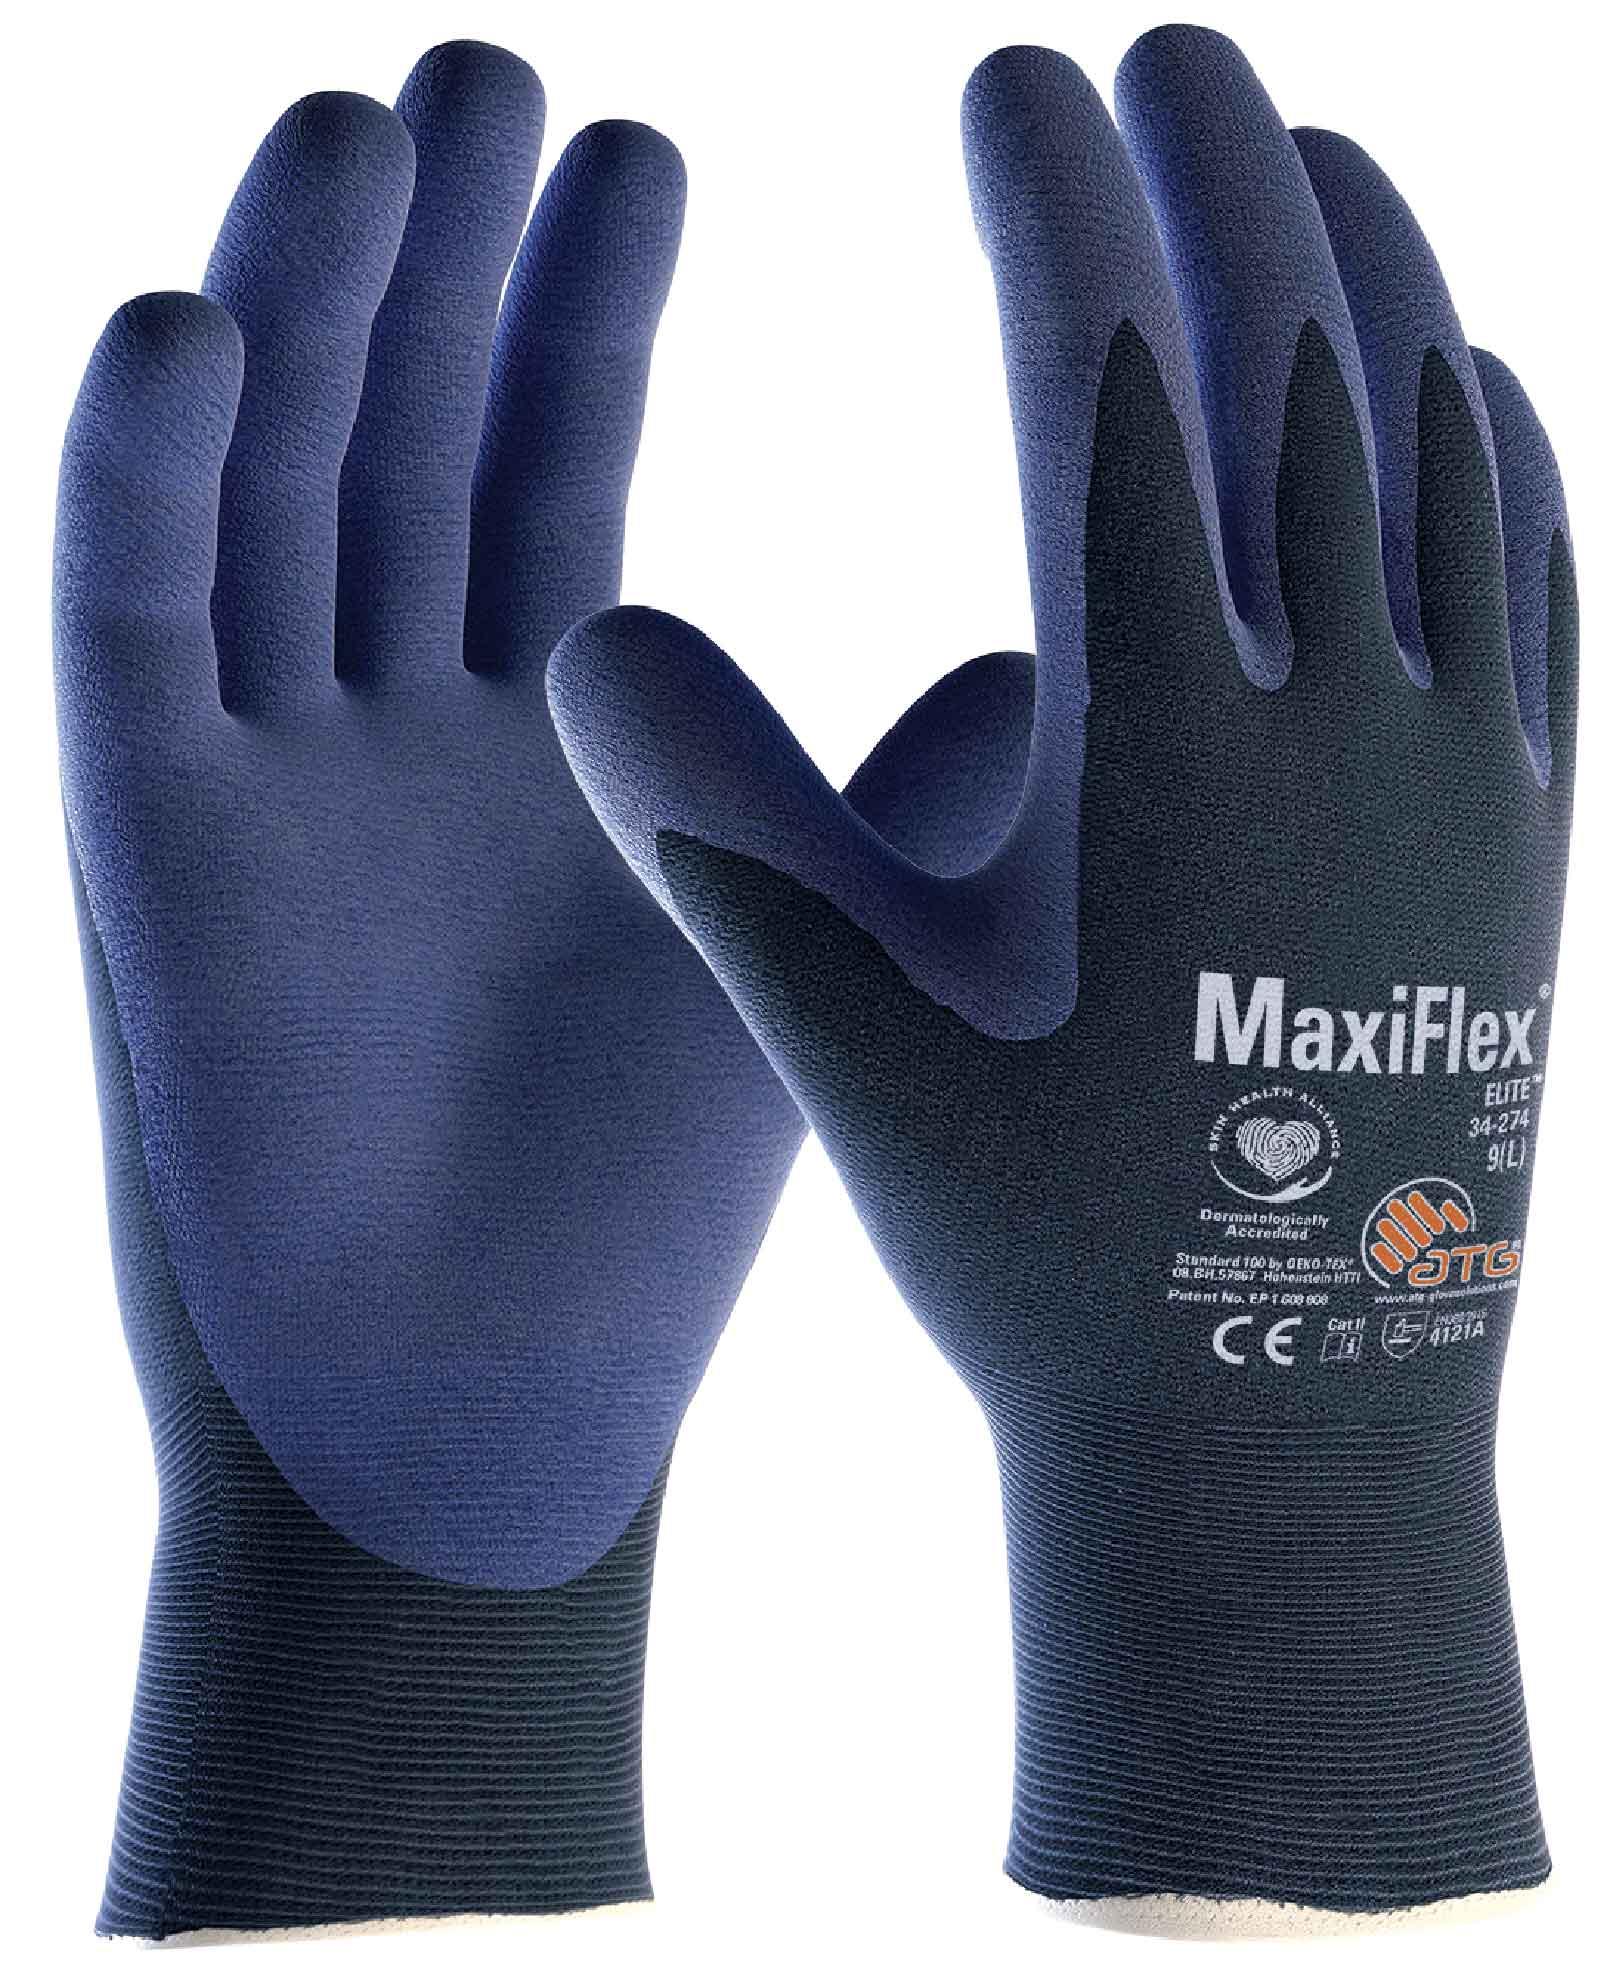 34-274 MaxiFlex® Elite™Palm Coated Image